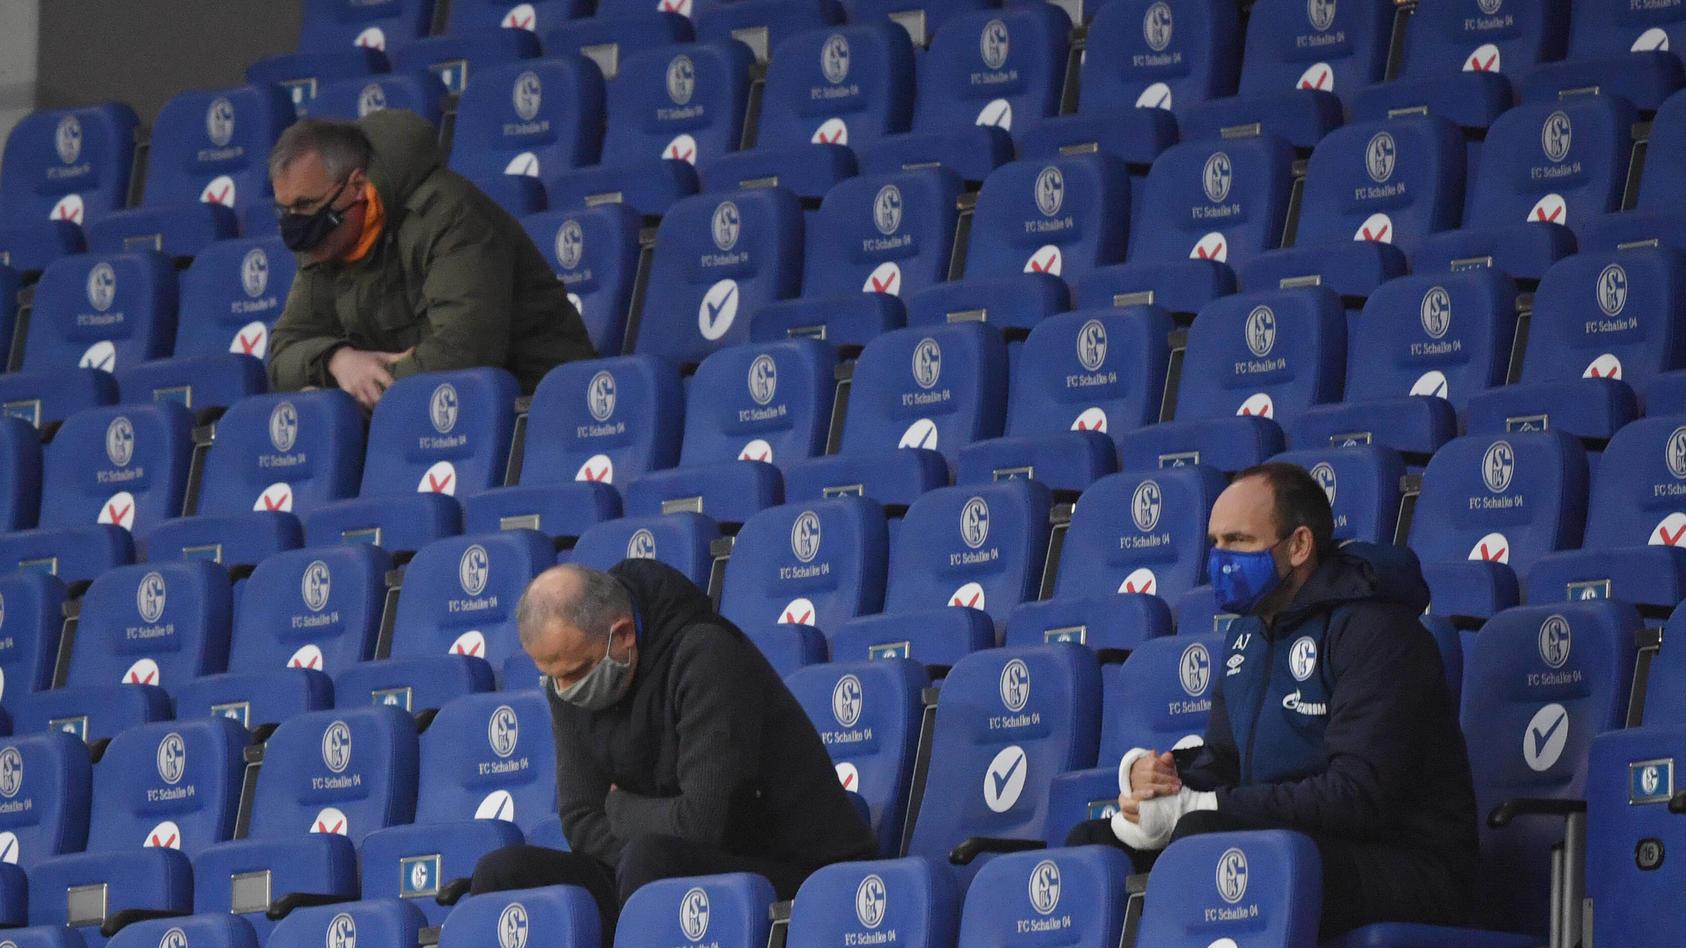 Versteinerte Minen am Spieltag sind die S04-Verantwortlichen mittlerweile gewohnt. Michael Reschke (oben links) kann sich den Gang ins Stadion künftig sparen. Jochen Schneider (Mitte) nicht.